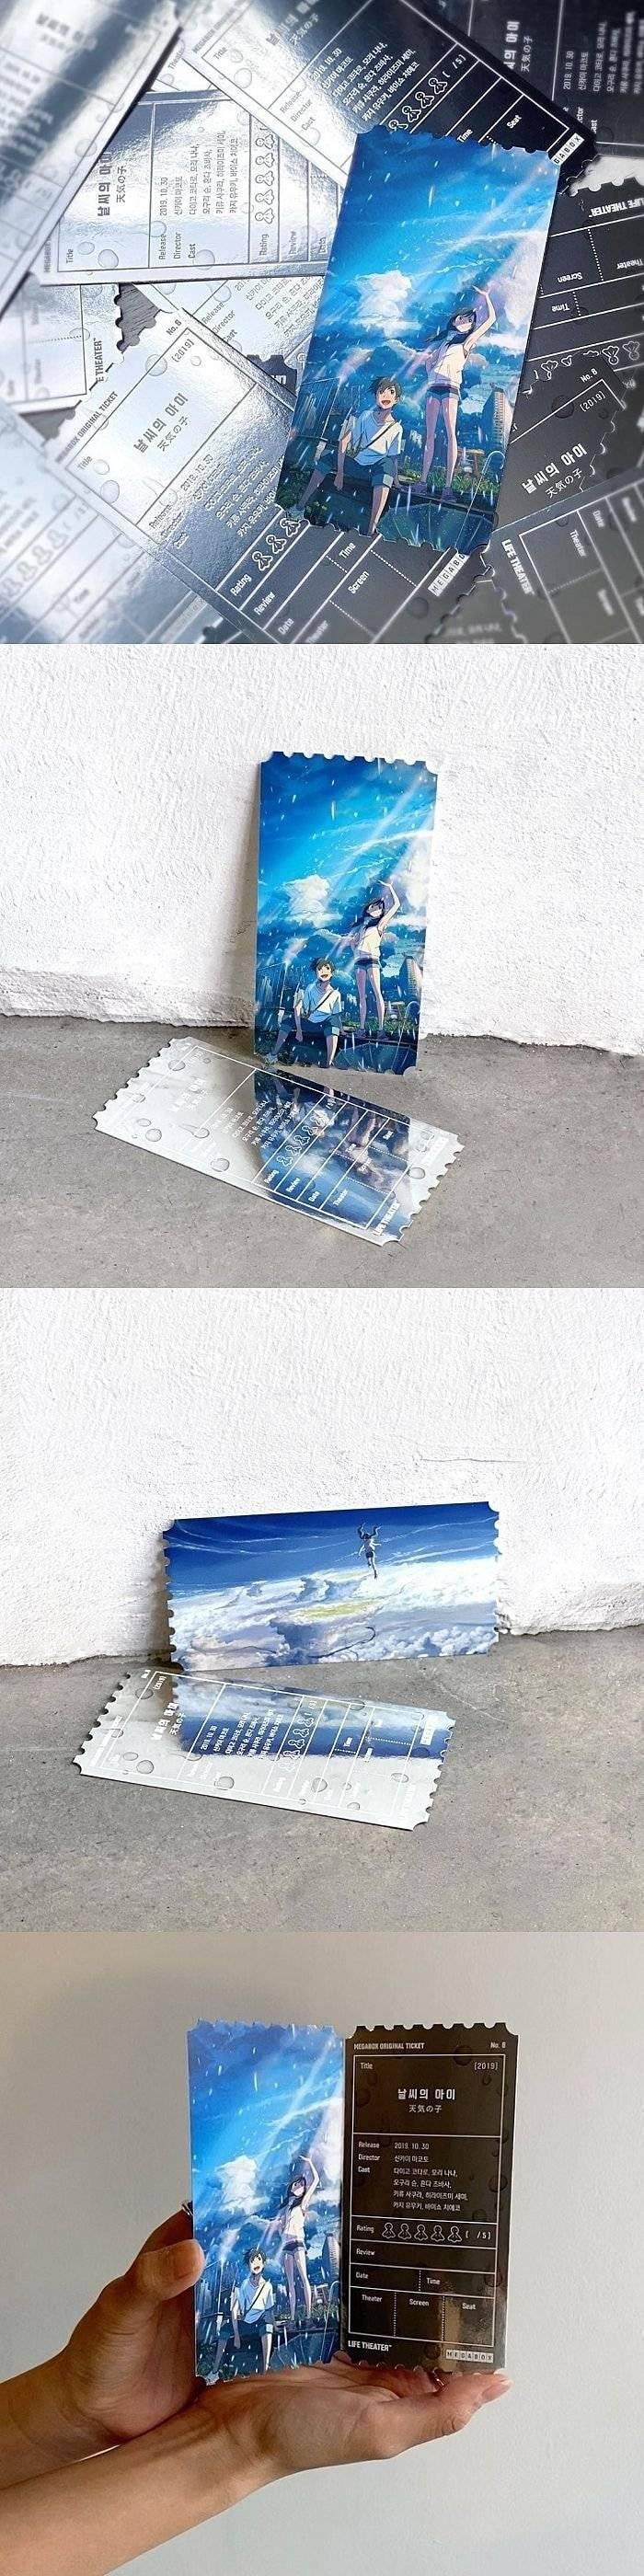 역대 메가박스 오리지널 티켓 시리즈.jpg | 인스티즈